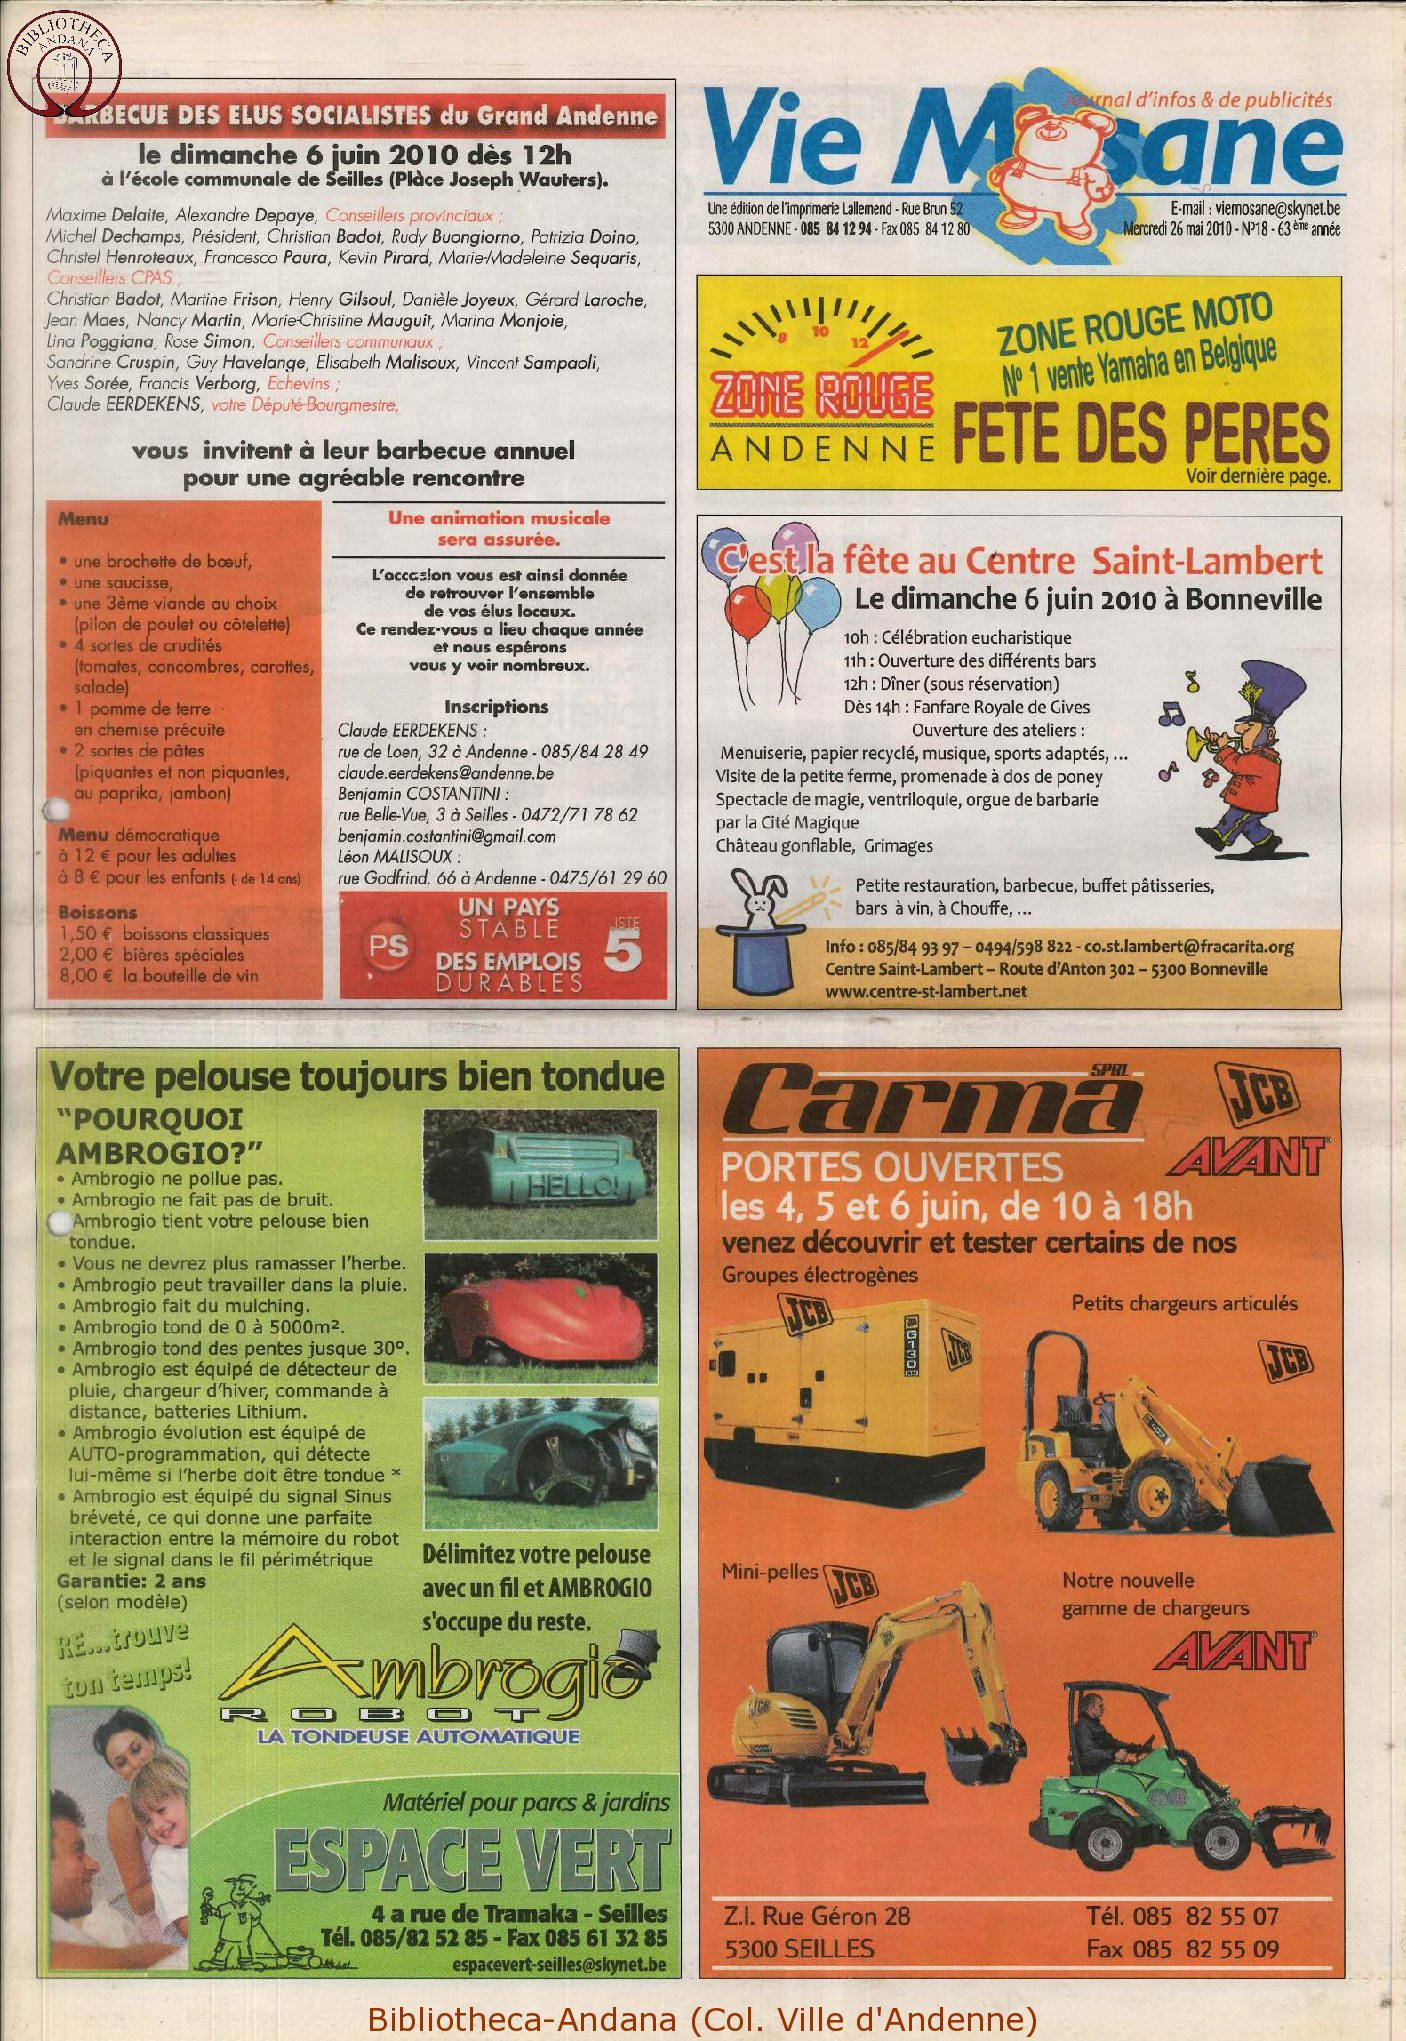 63e année - n°18 - 26 mai 2010